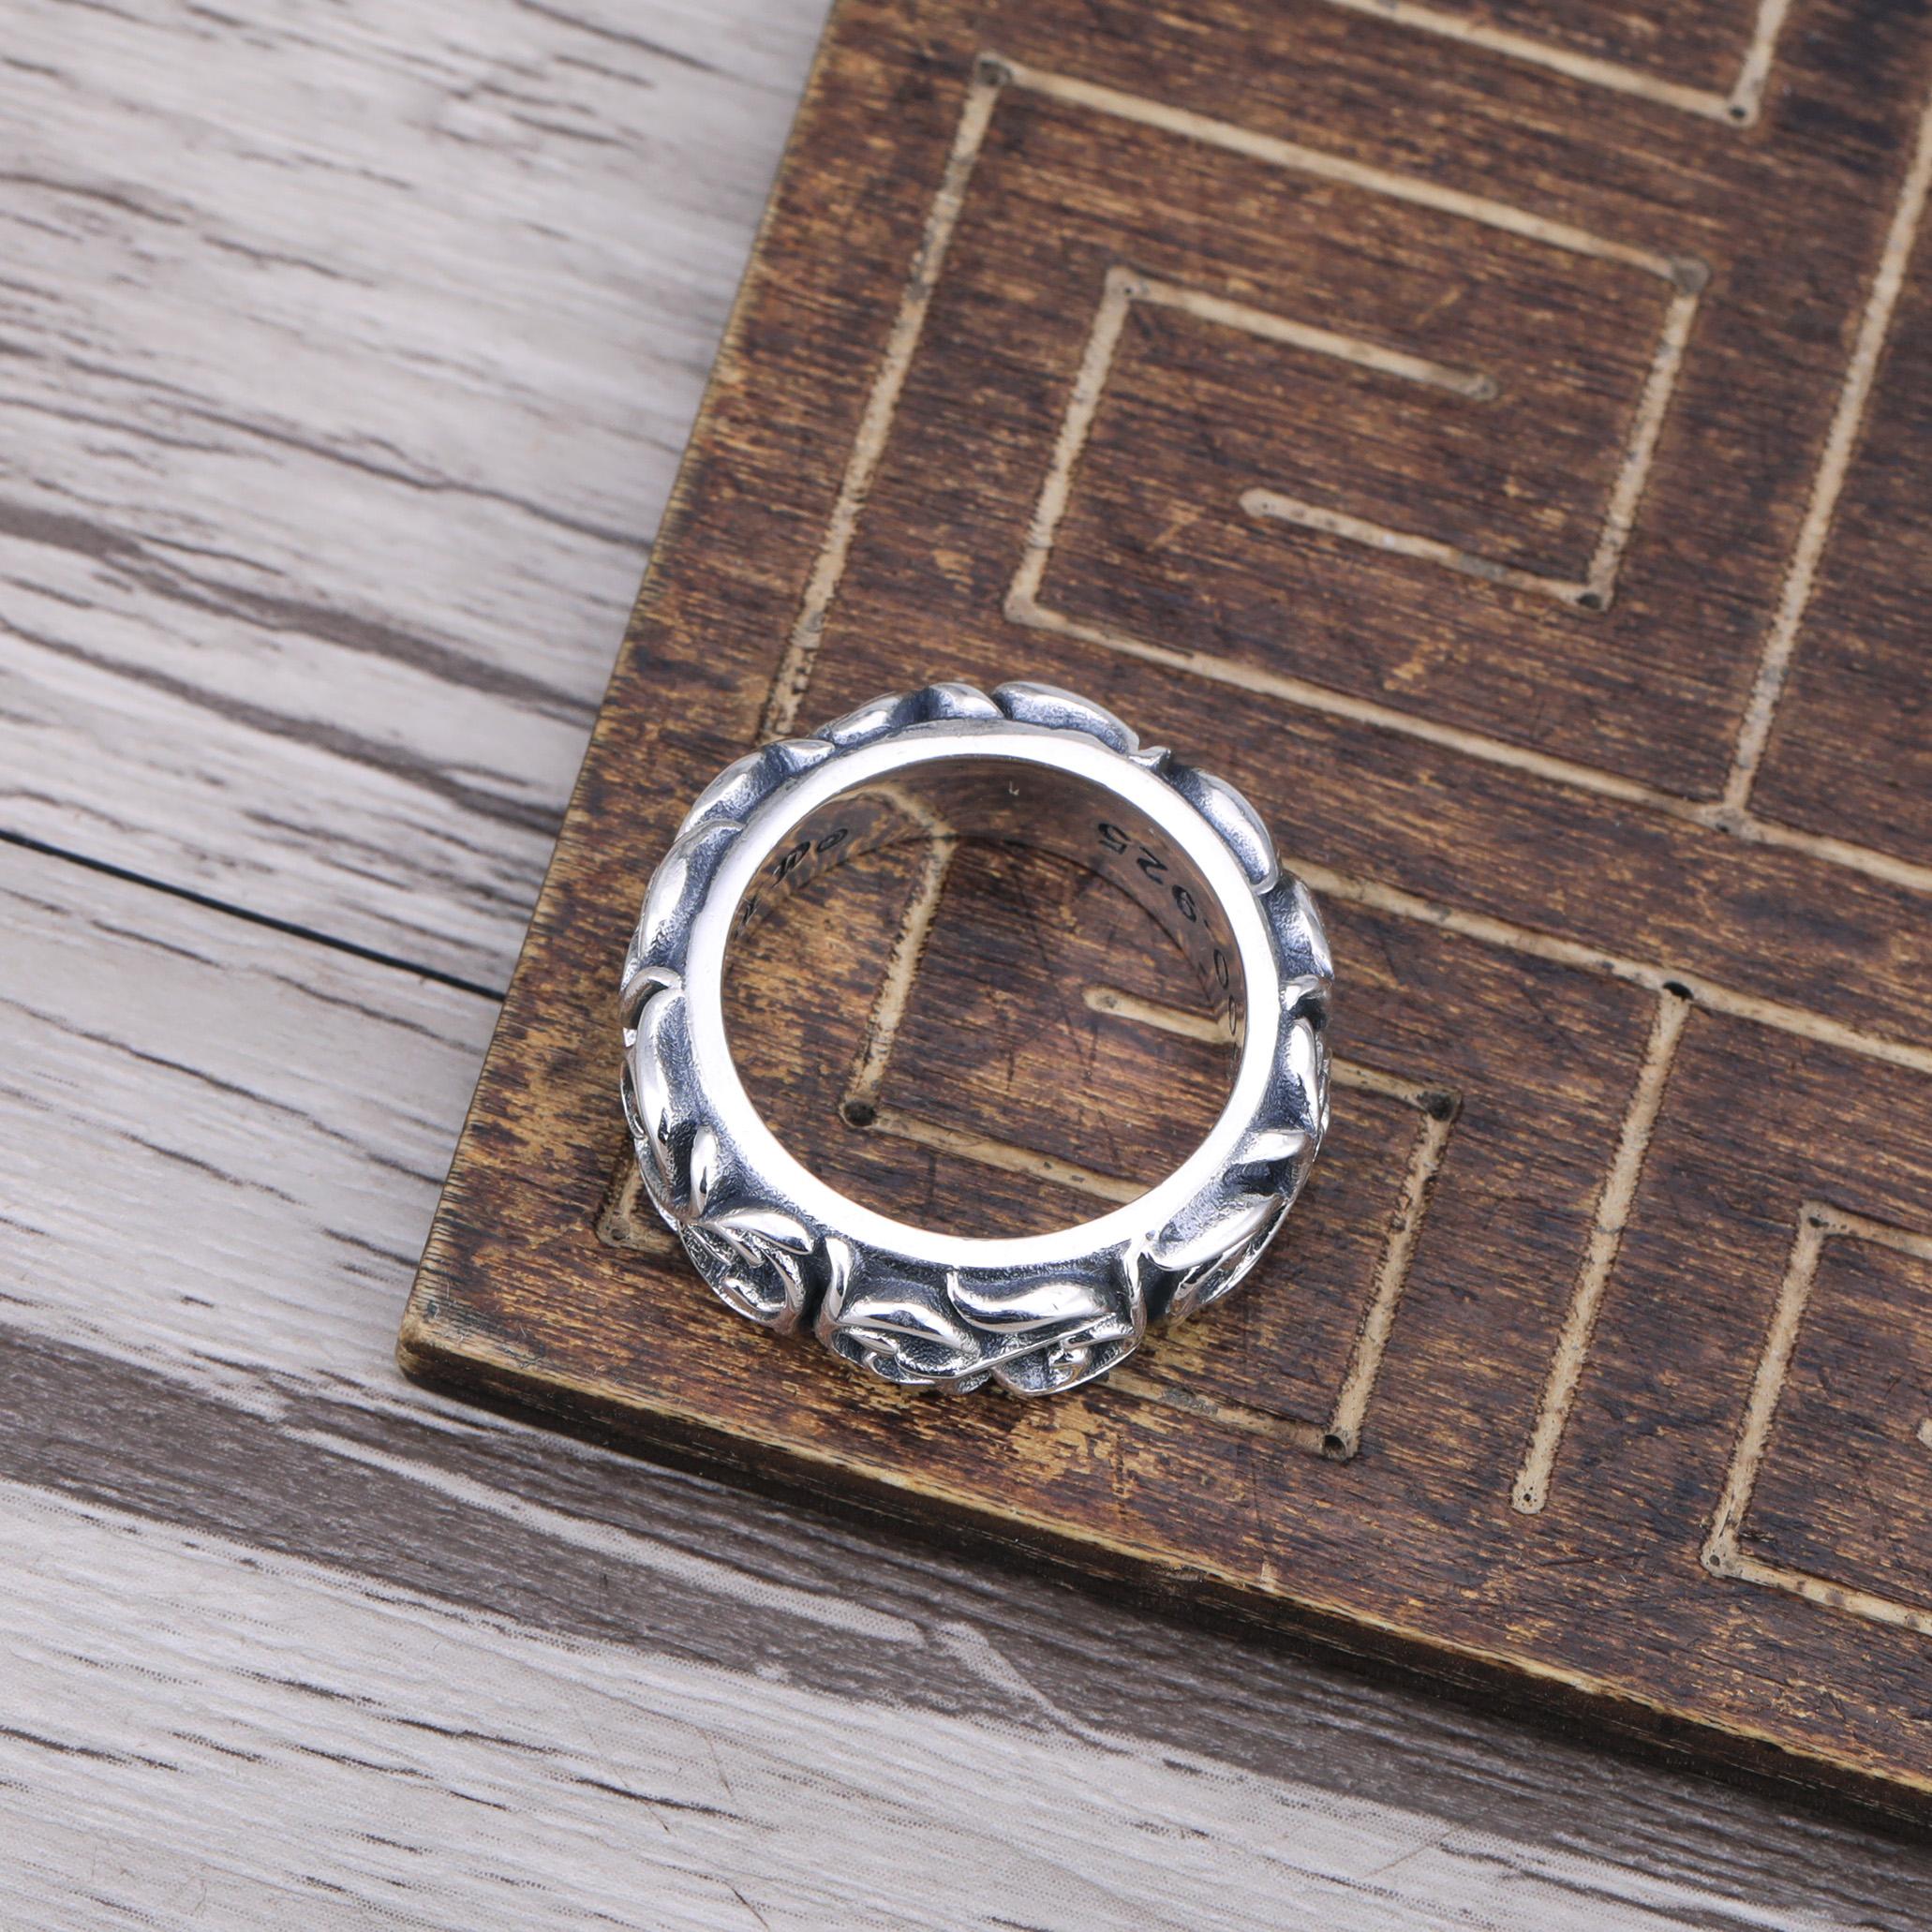 官网金六福925纯银饰品打造 复古做旧永恒之藤指环 泰银个性男女